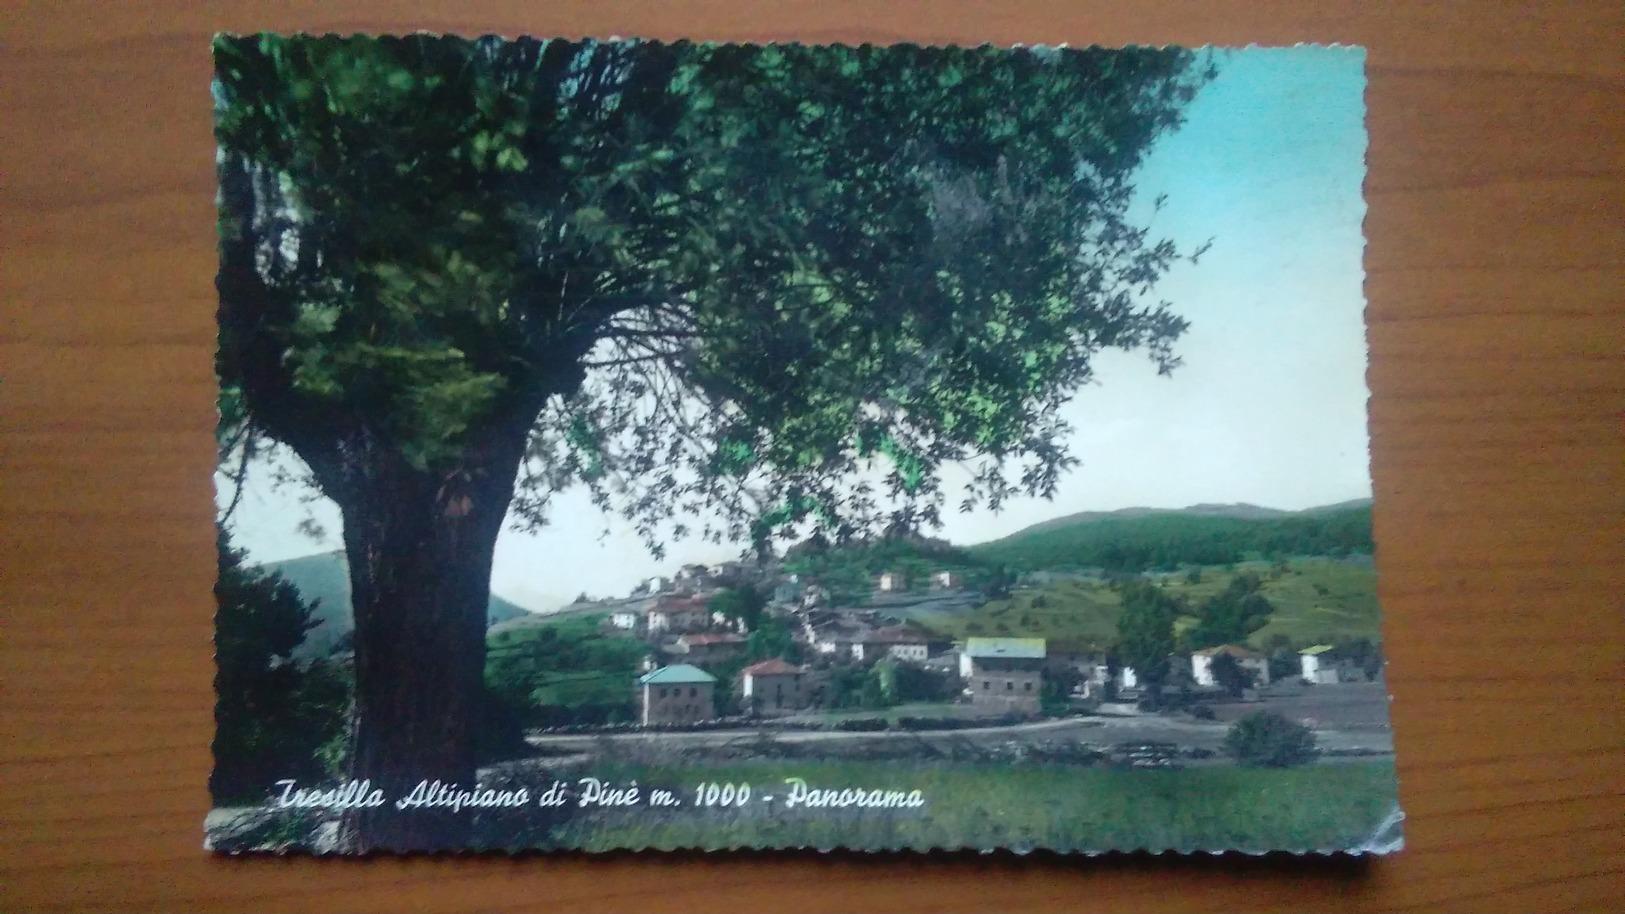 Tresilla Altipiano Di Pine' - Panorama - Trento